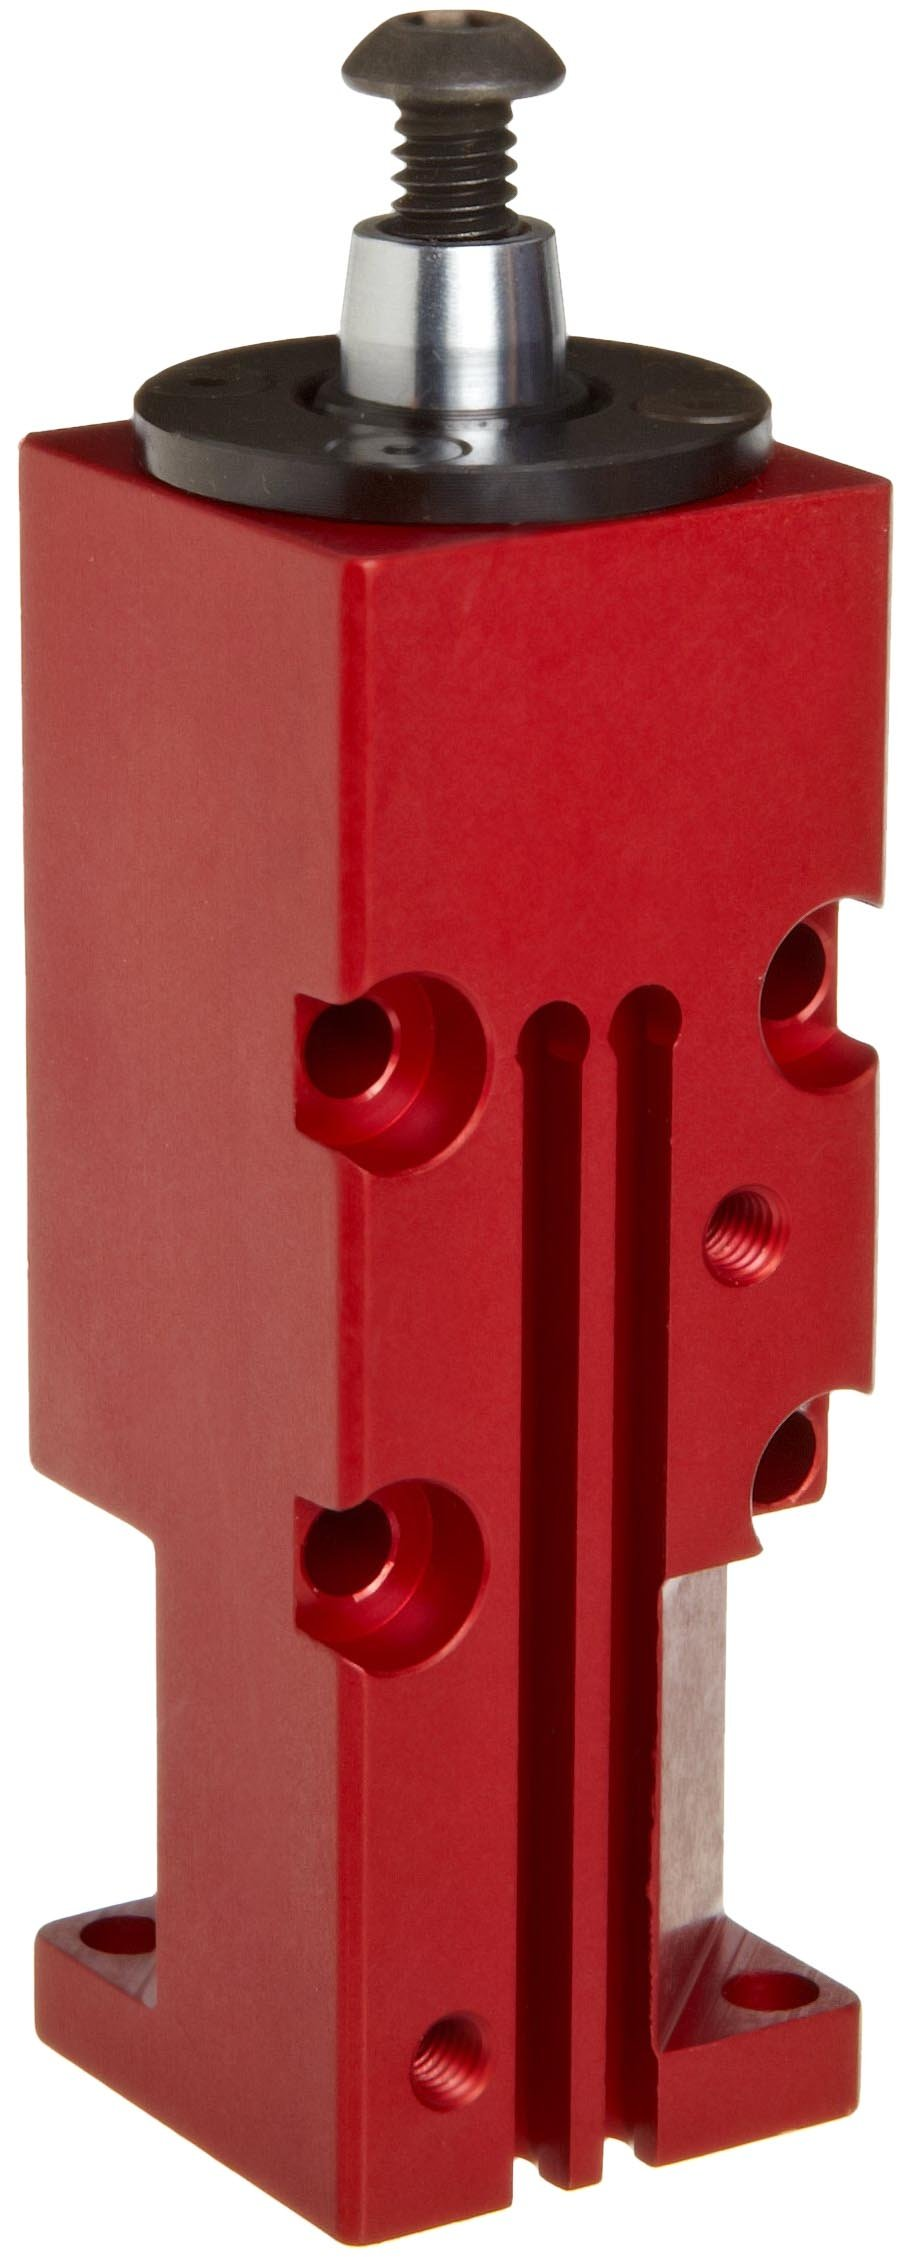 DE-STA-CO 8115-LA Less Arm Pneumatic Swing Clamp Arm by De-Sta-Co